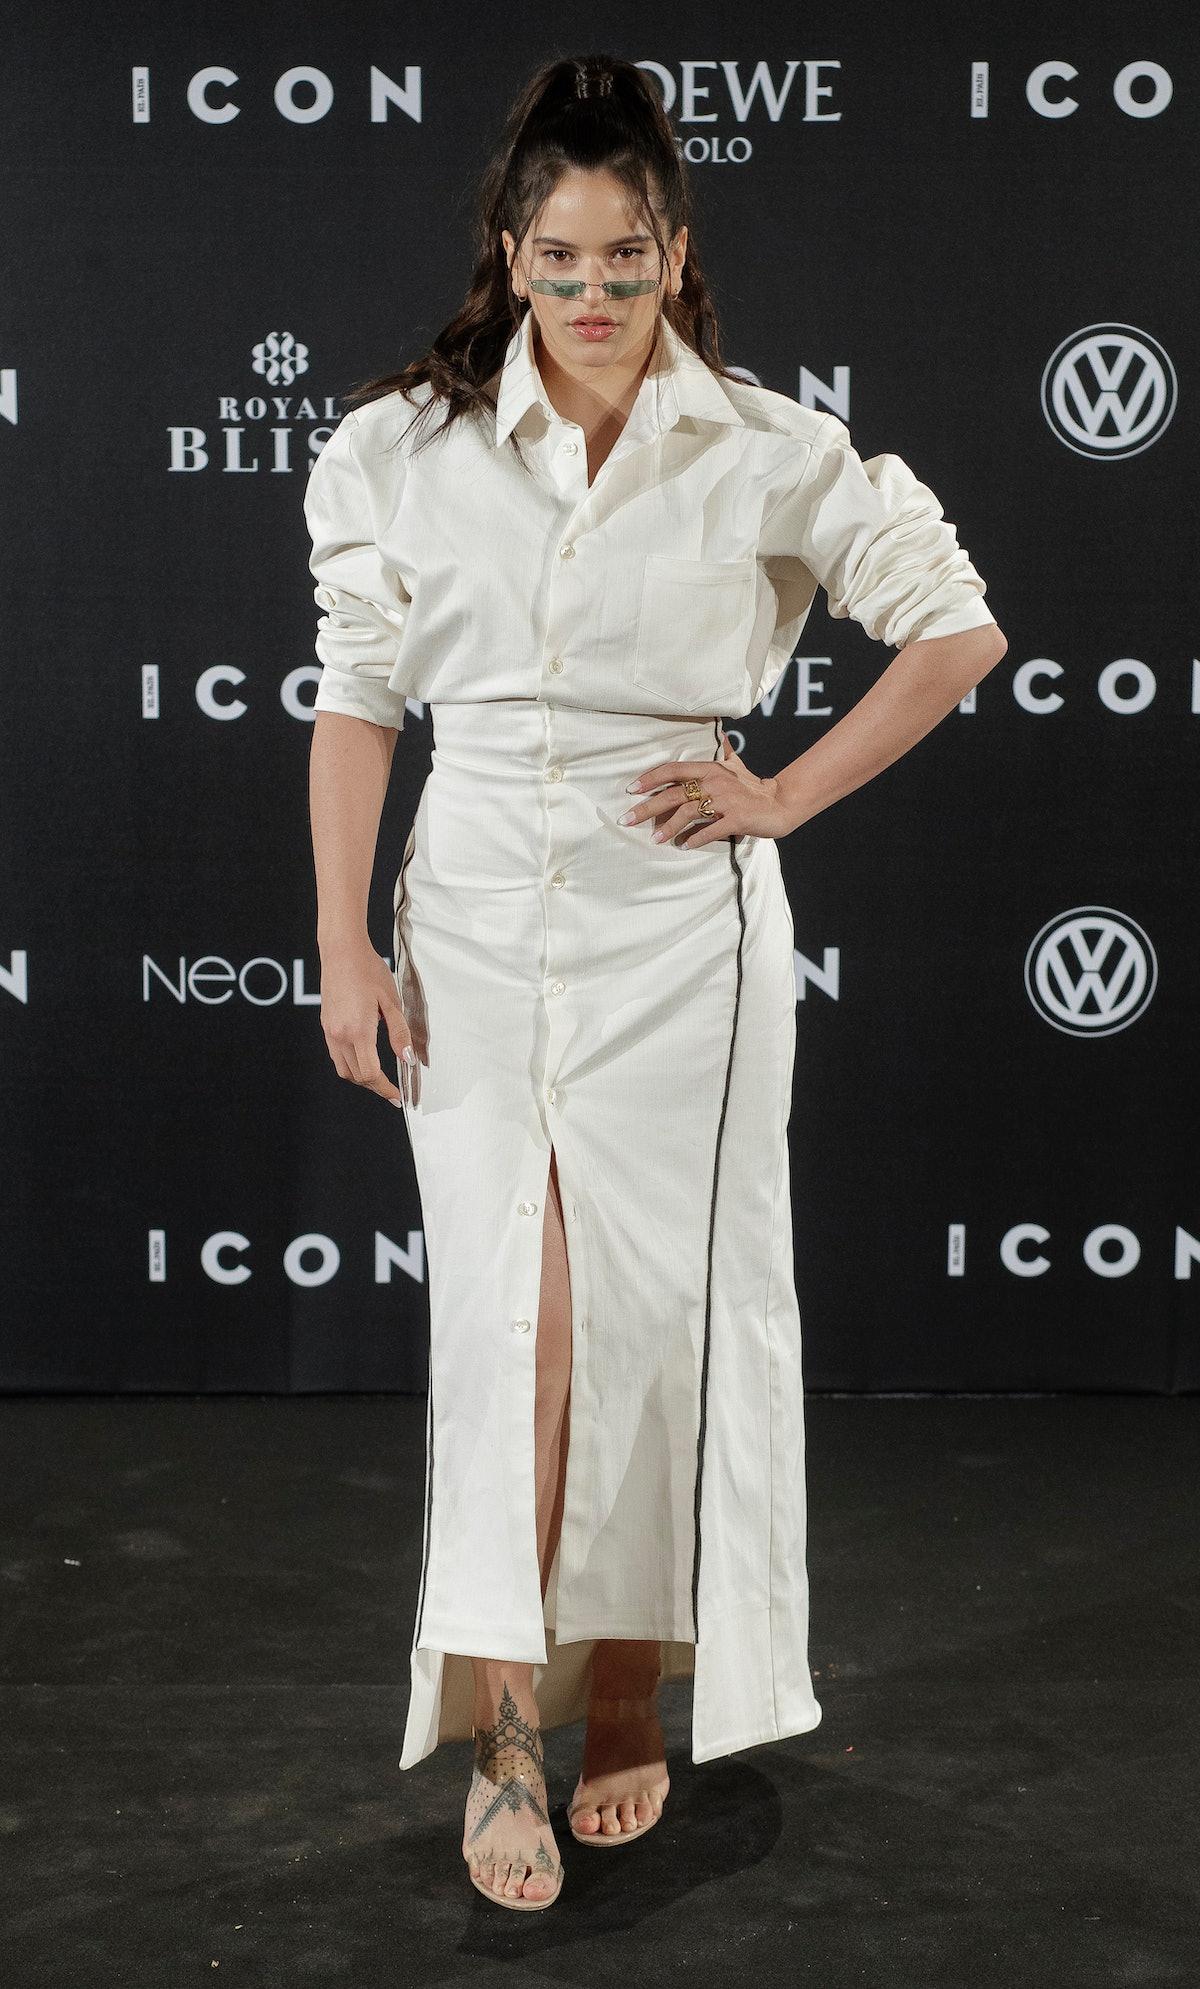 Icon Awards 2018